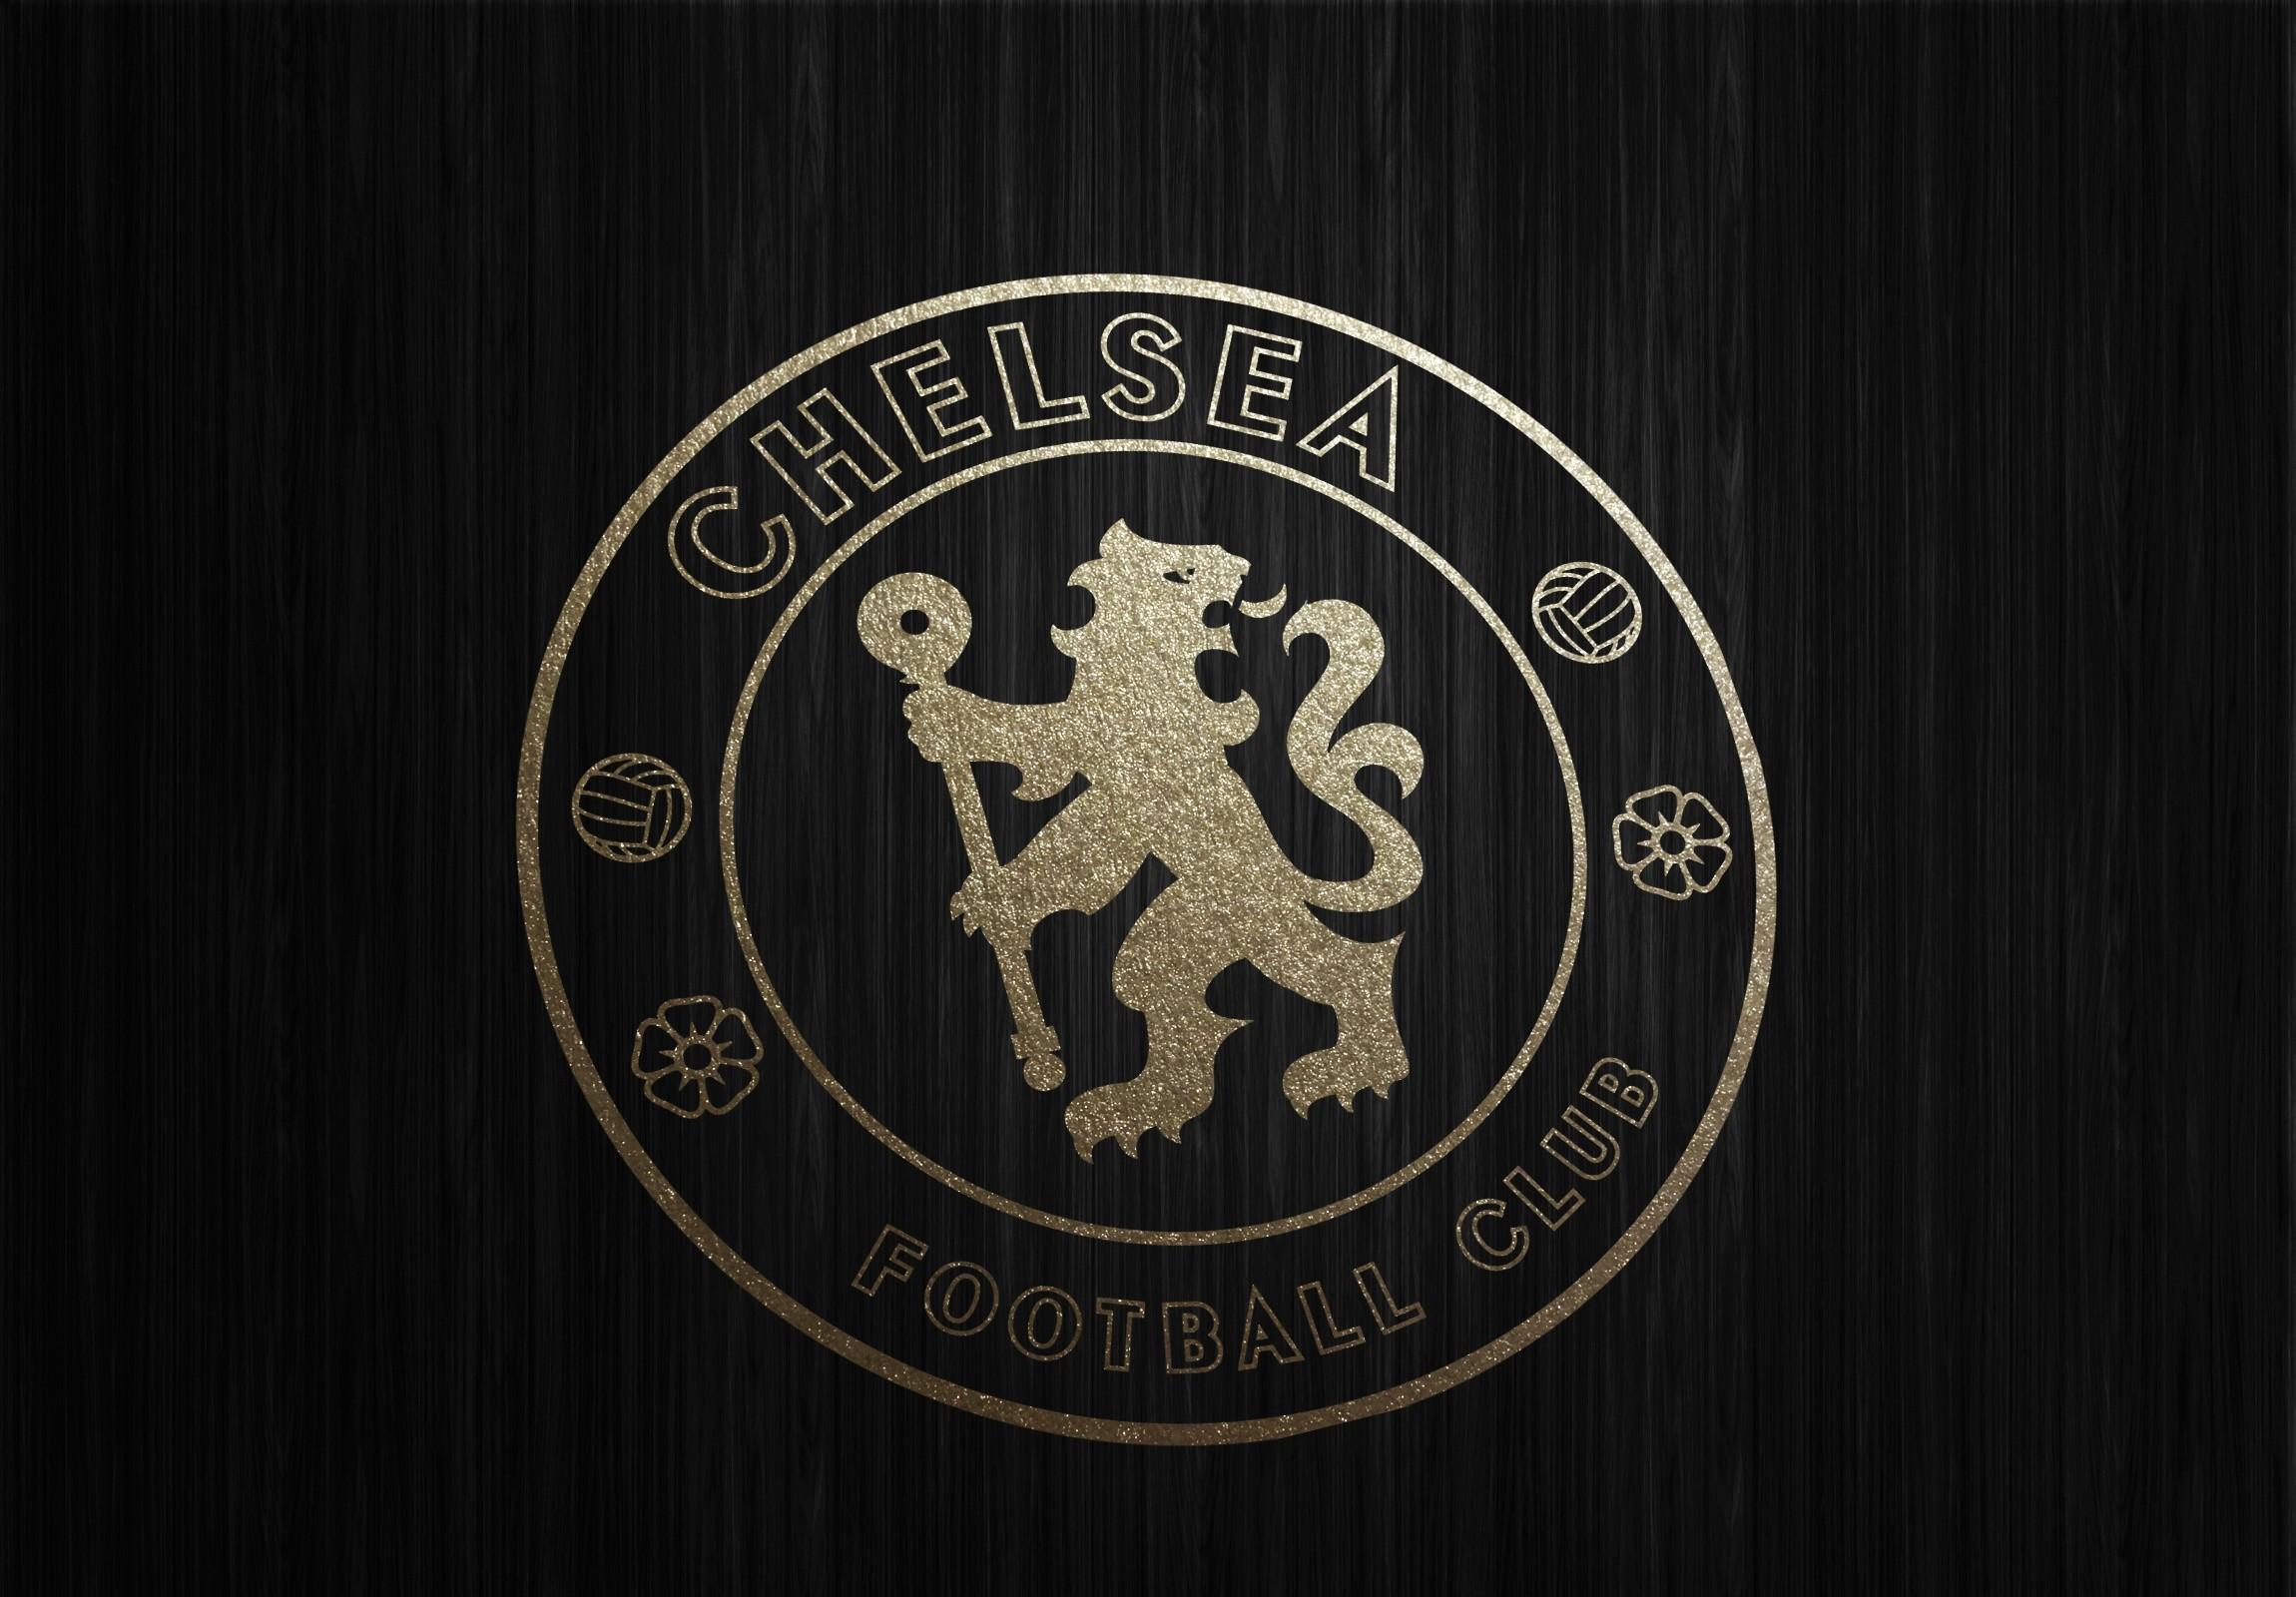 Chelsea Gold Wallpaper HD